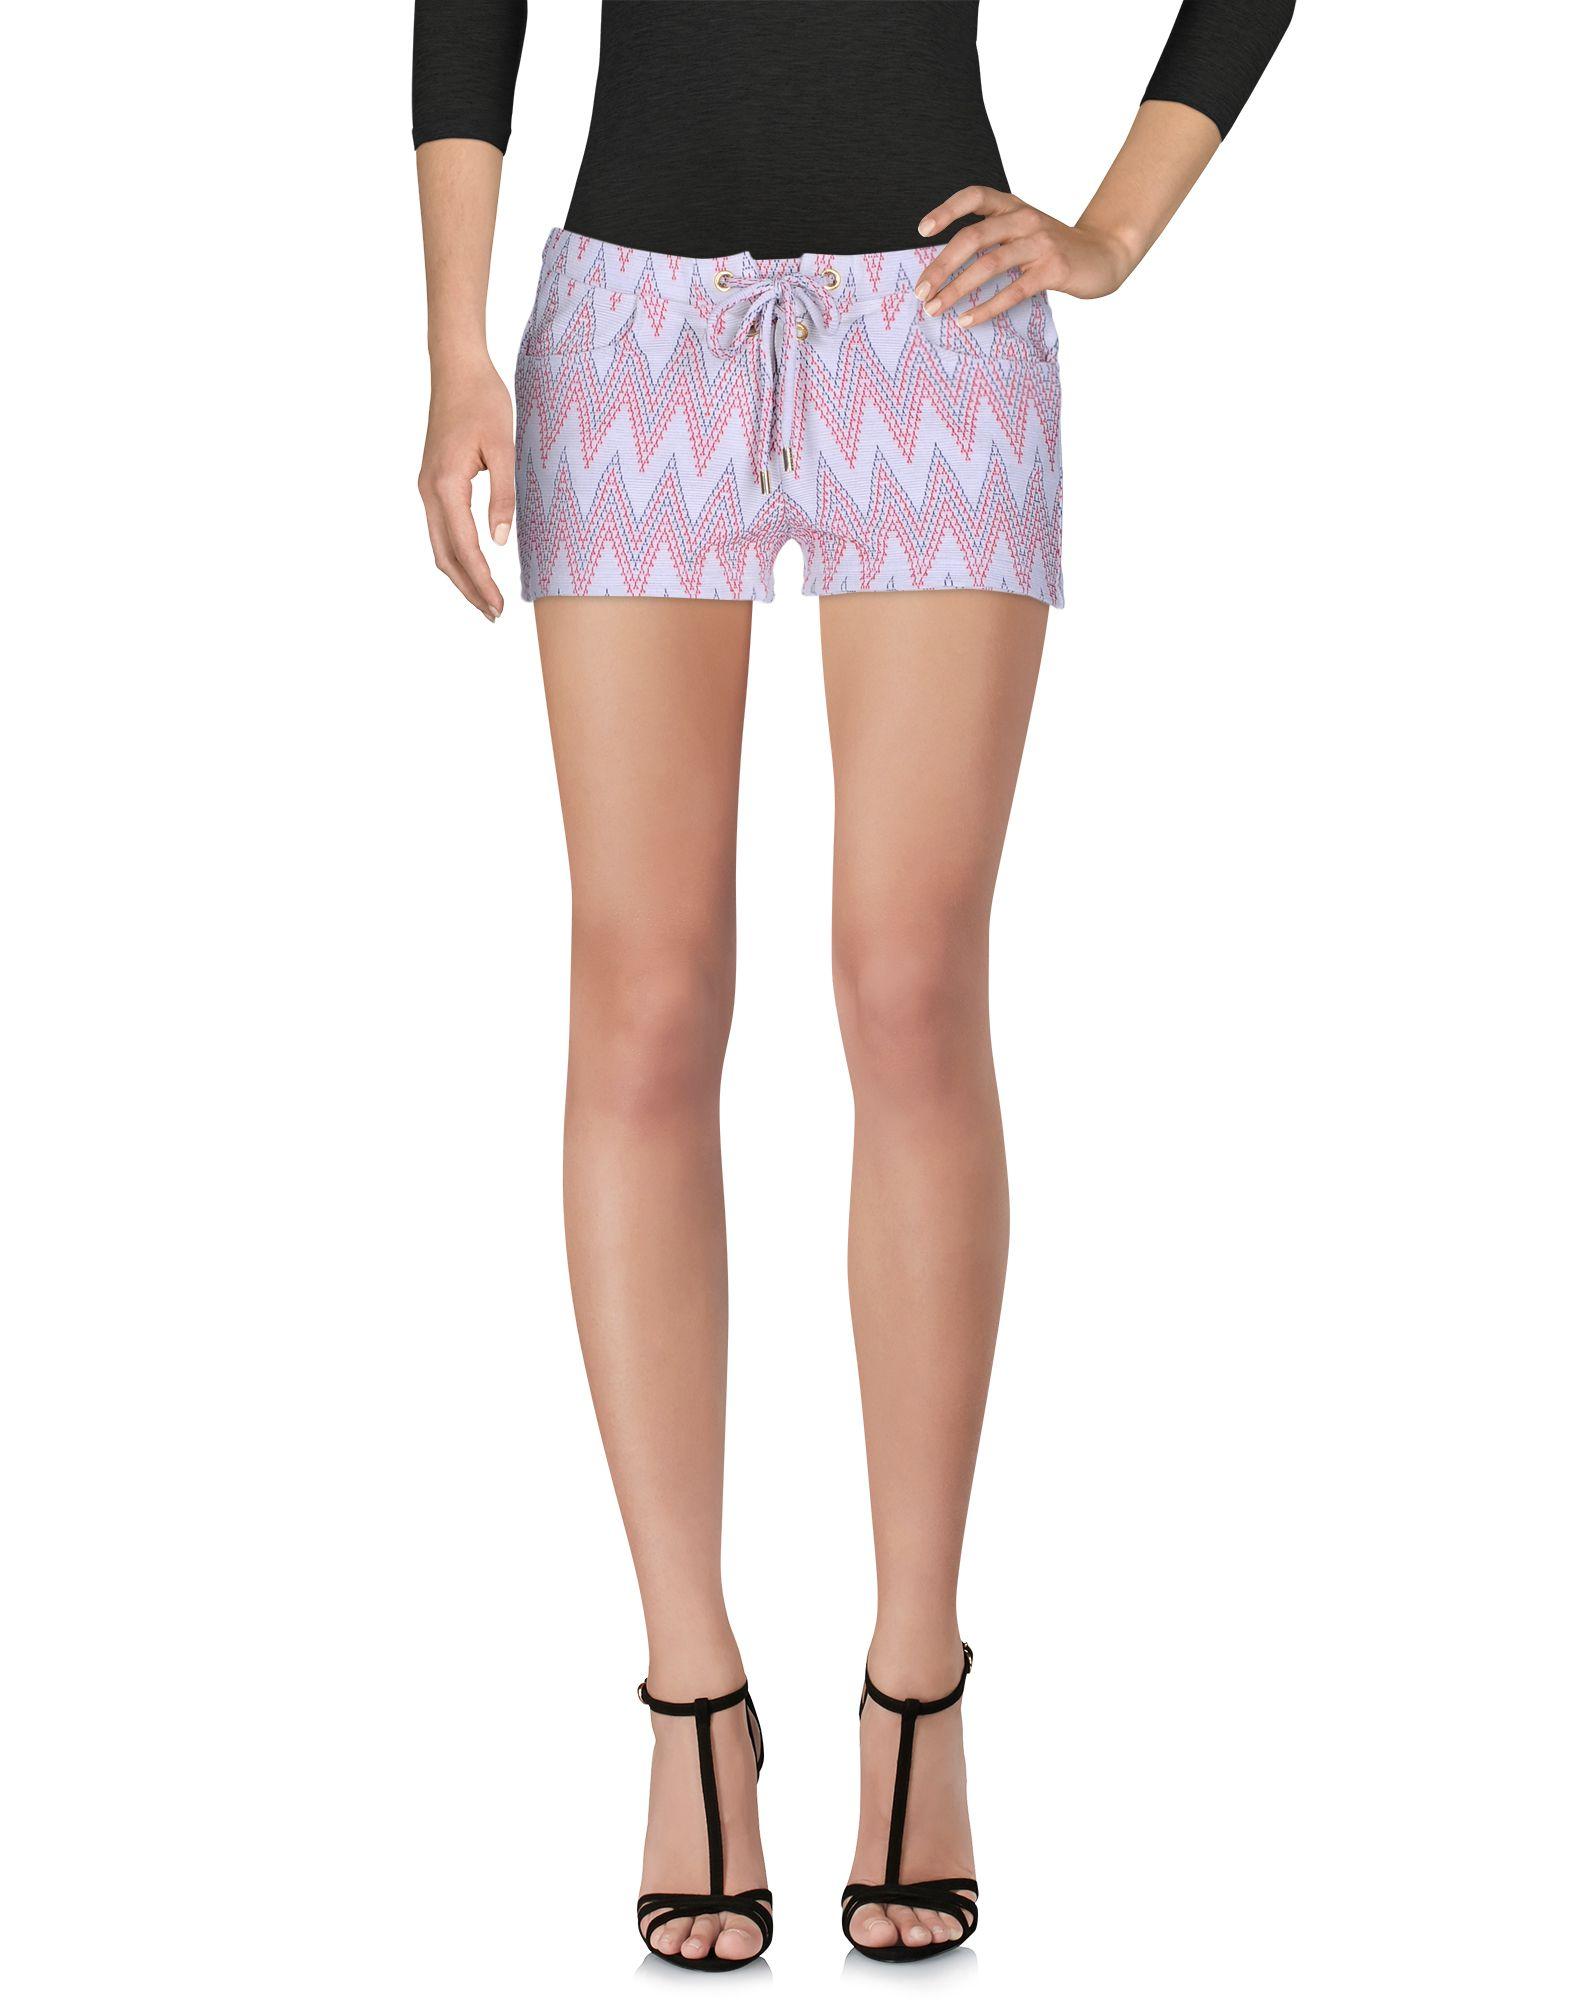 'Melissa Odabash Shorts